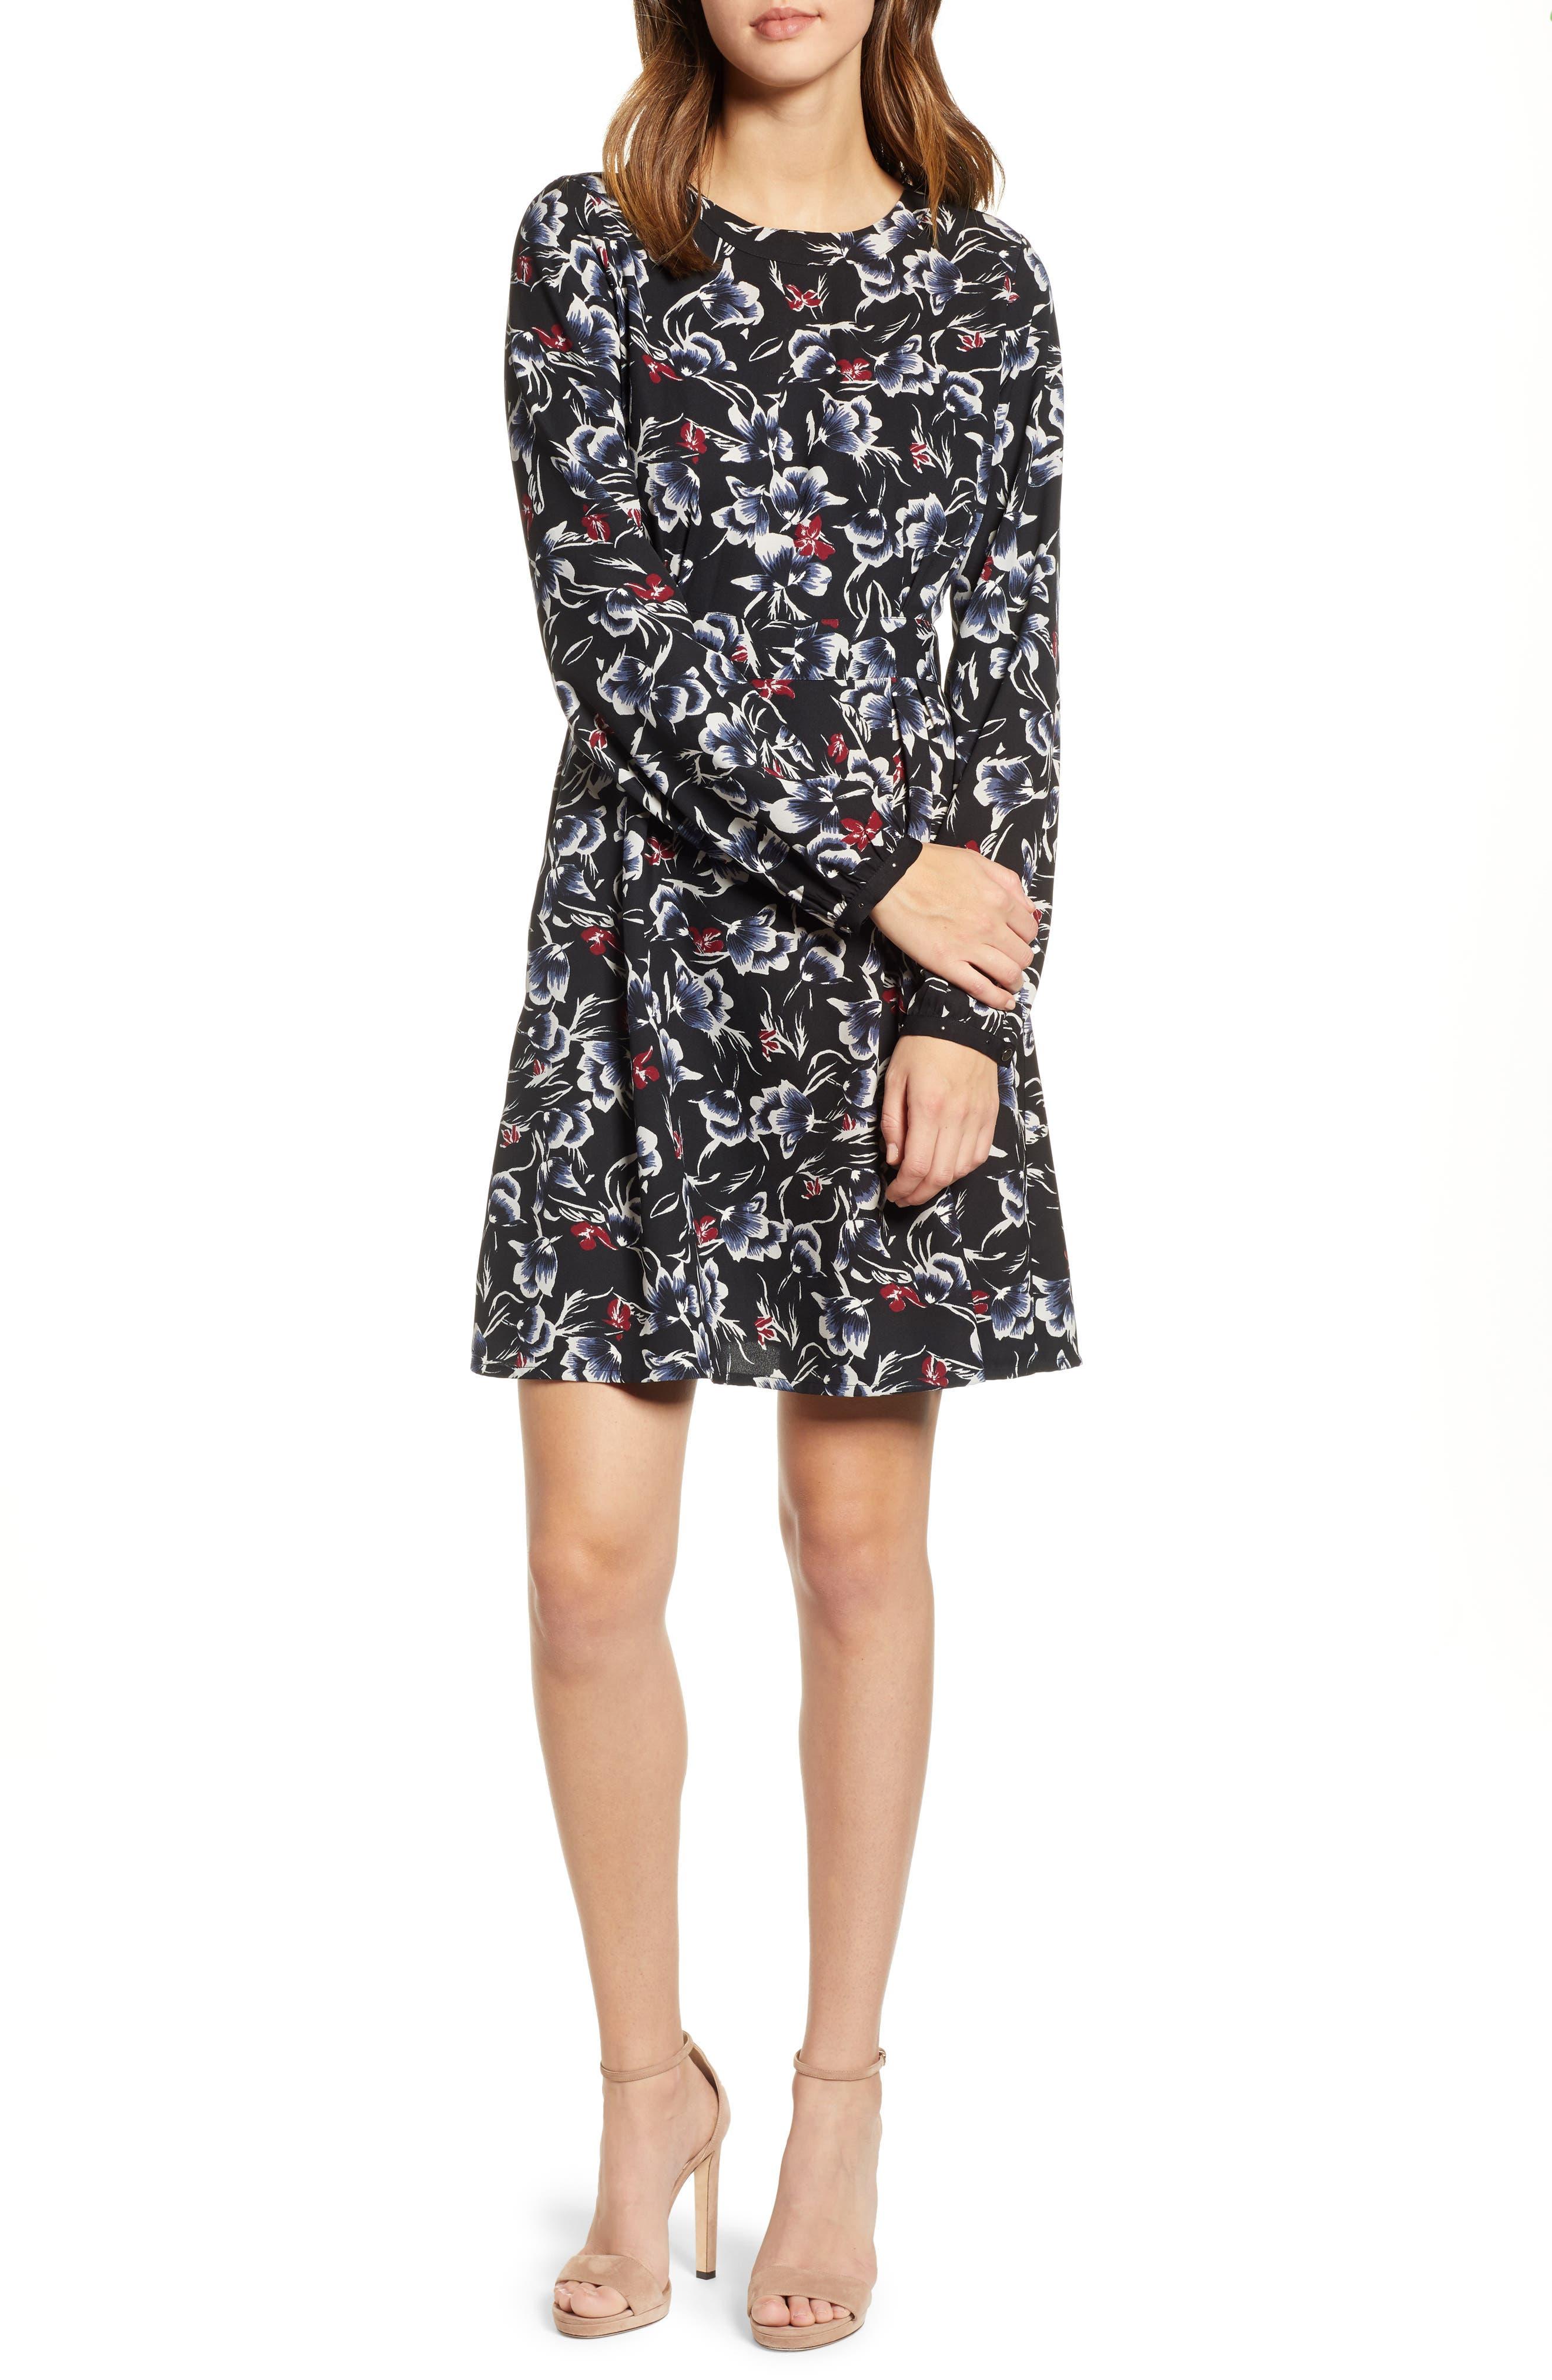 VERO MODA Floral Print Dress in Black